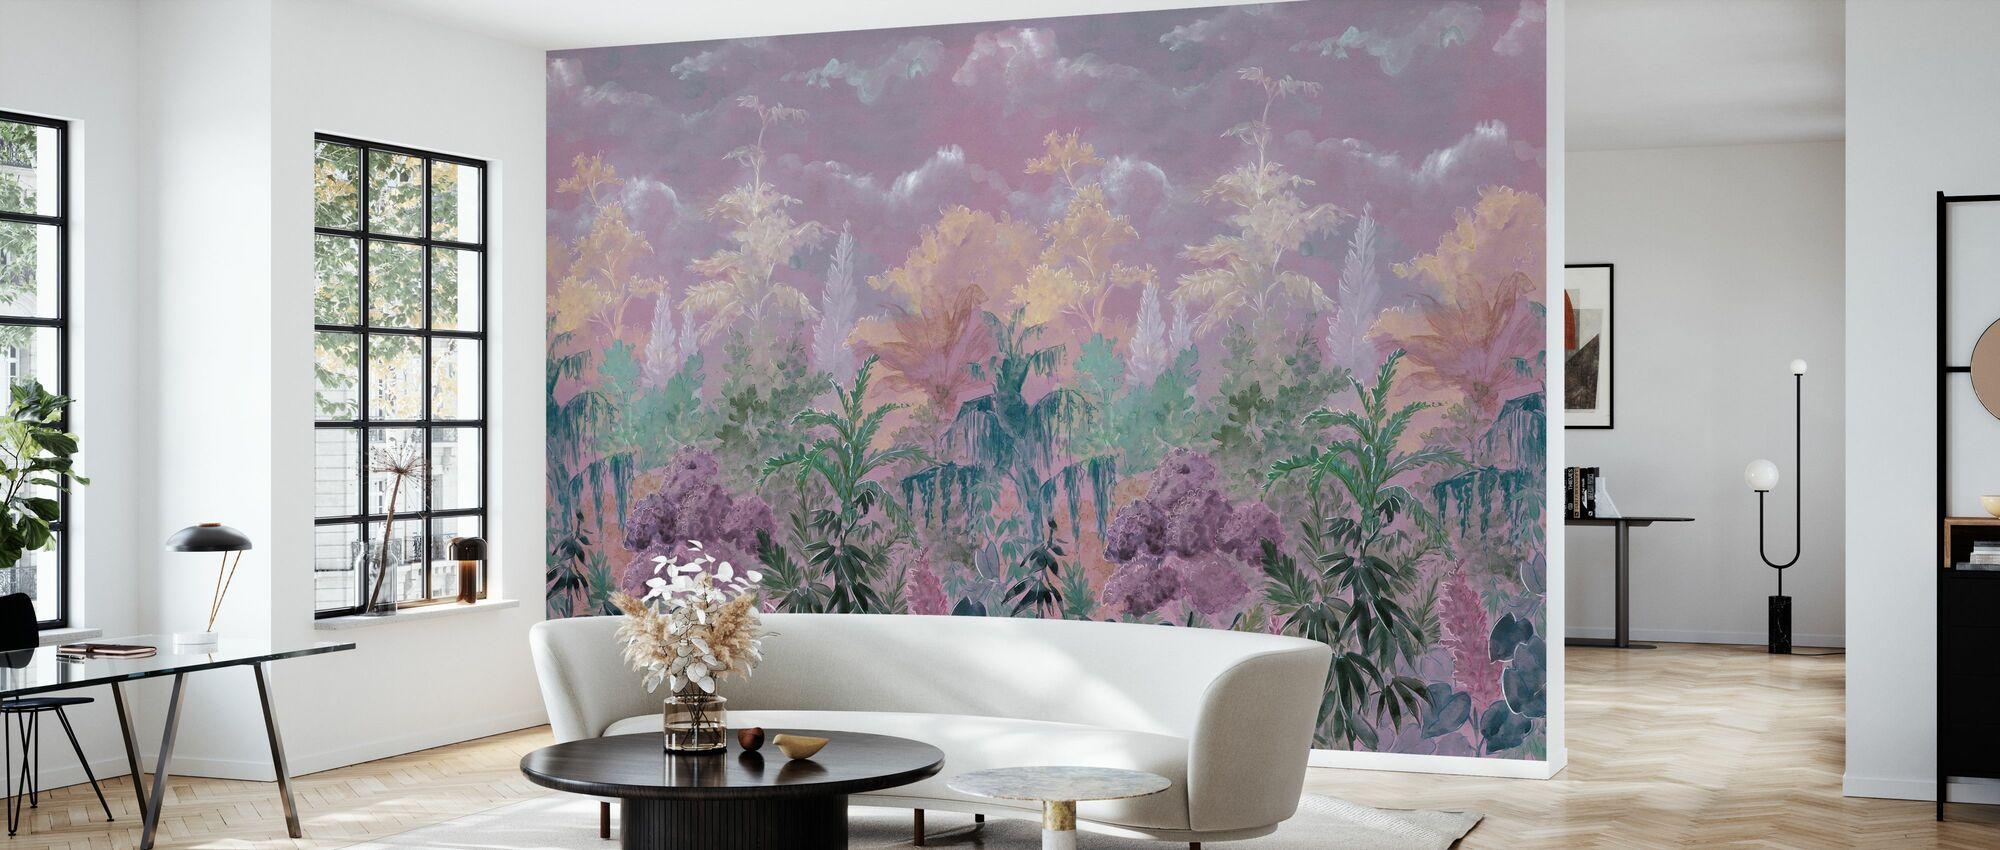 Flourishing Vegetation - Wallpaper - Living Room